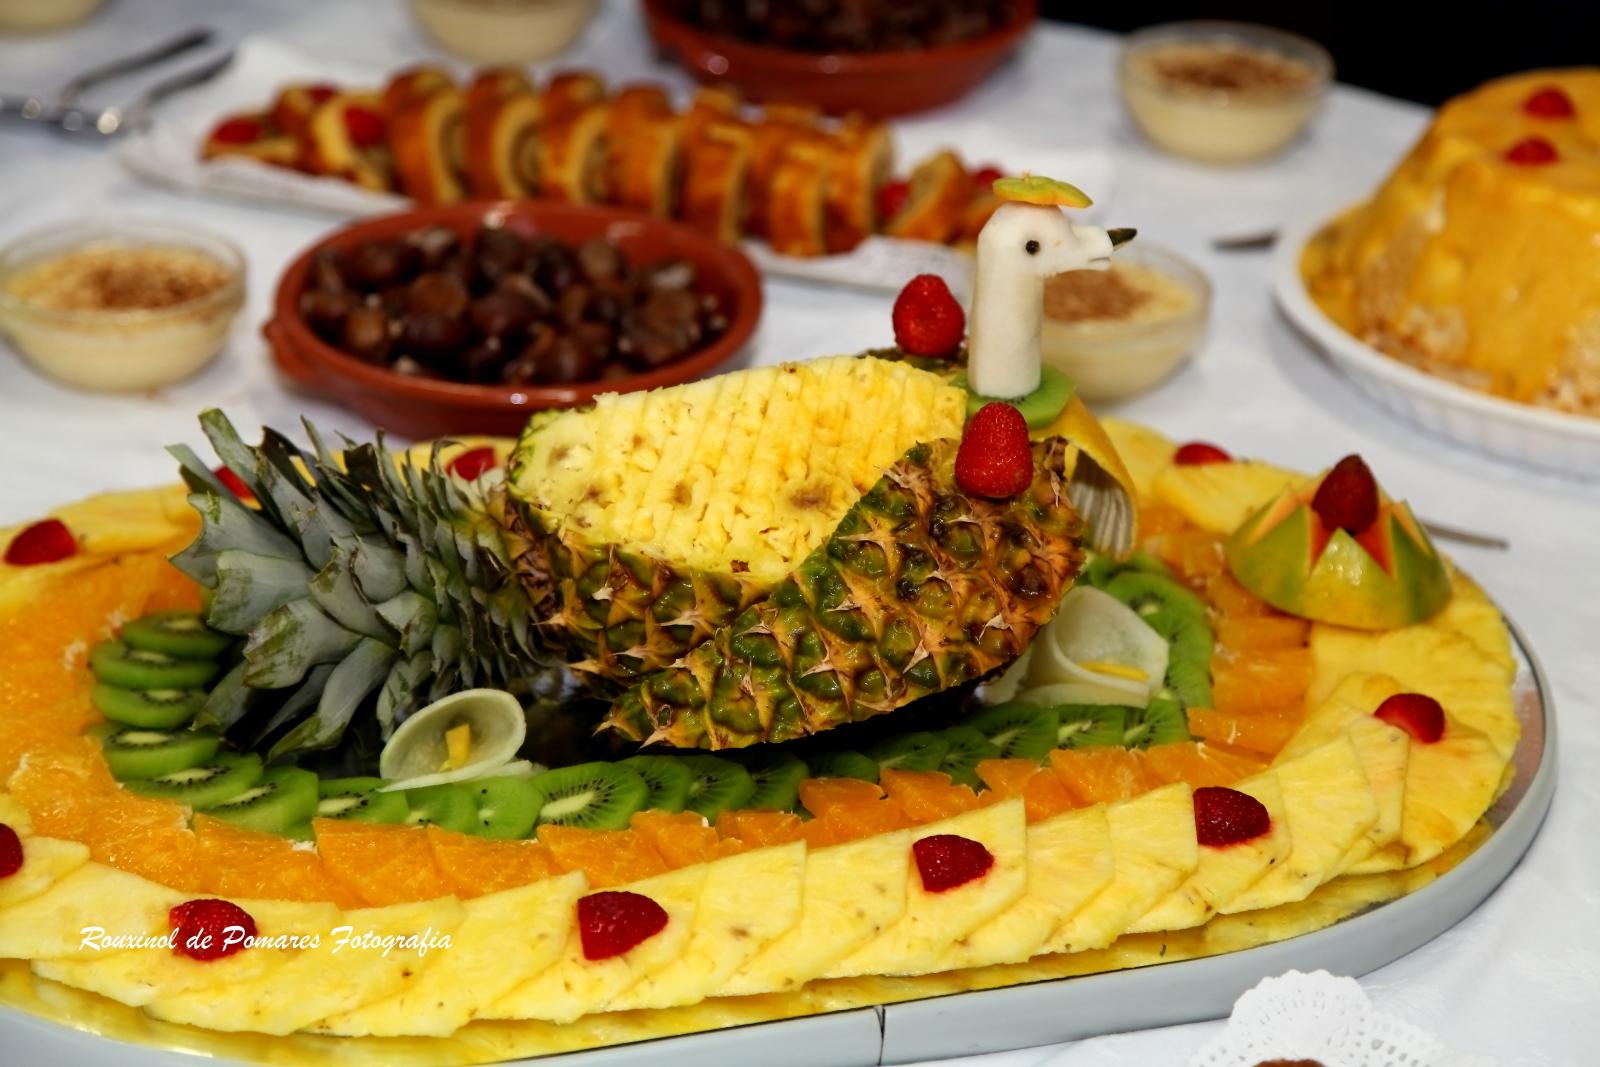 Almoço 61 Aniversário  CMSR (019)